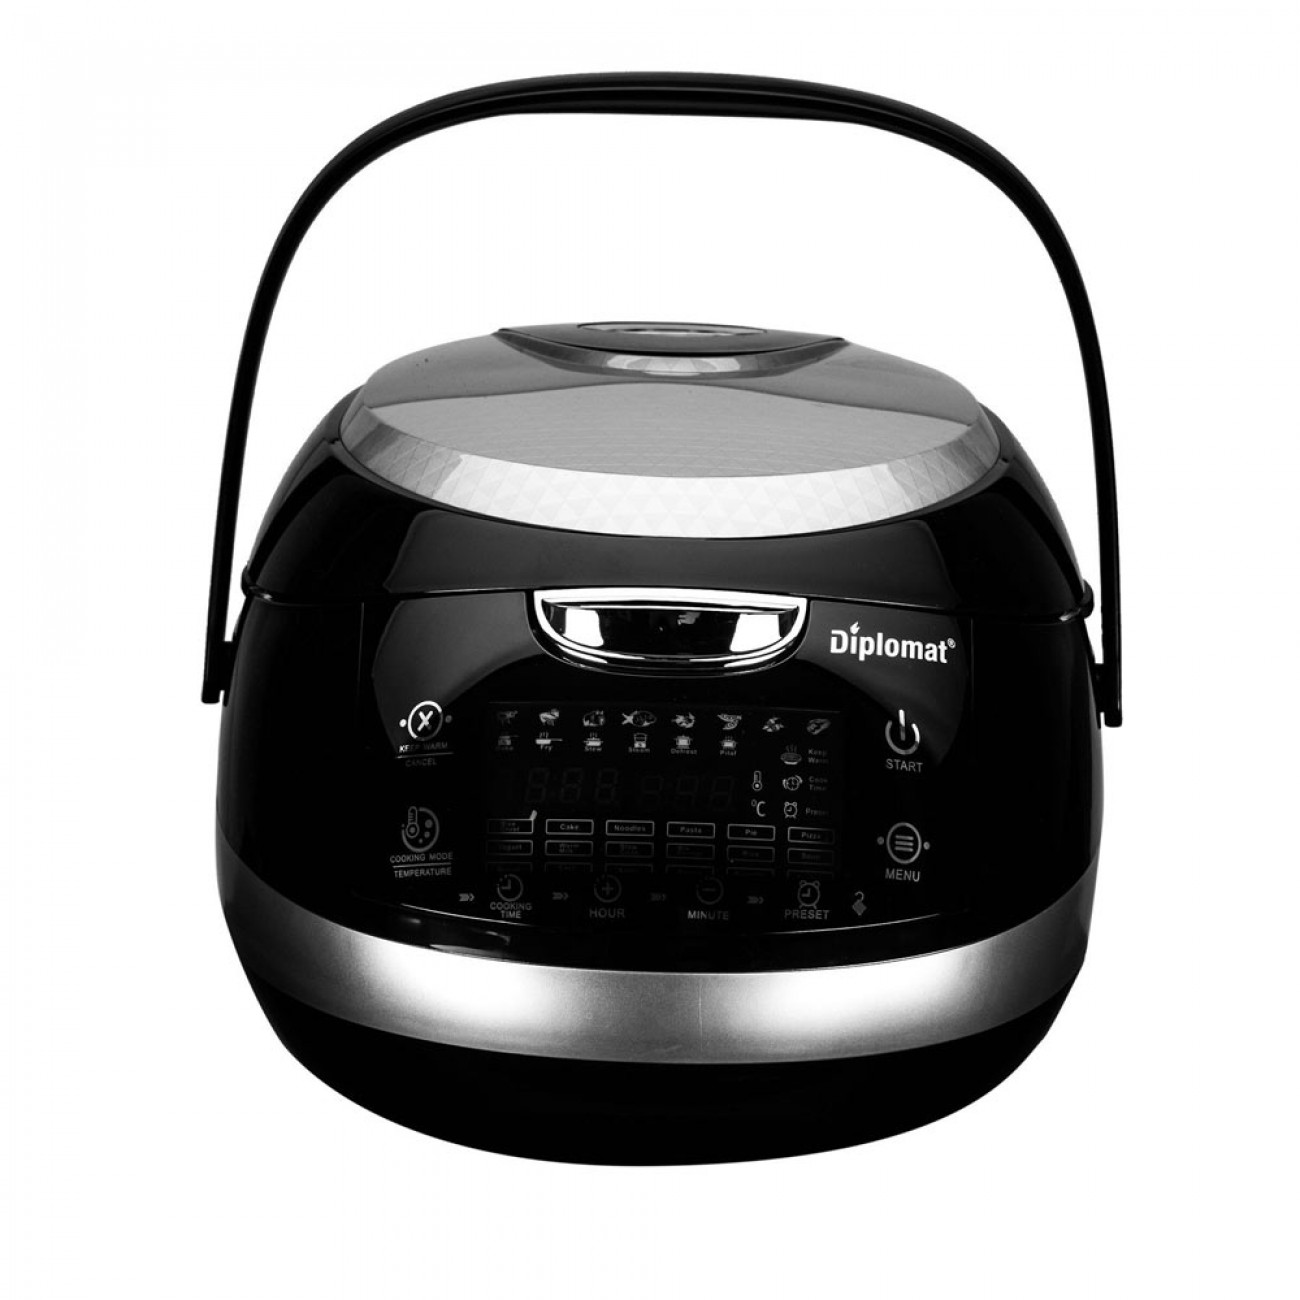 Мултикукър с 18 програми Diplomat MCKF500B, 860 W, 5 литра, Таймер, Отложен старт, LED, Черен в Multicooker & Уреди за готвене - Diplomat | Alleop